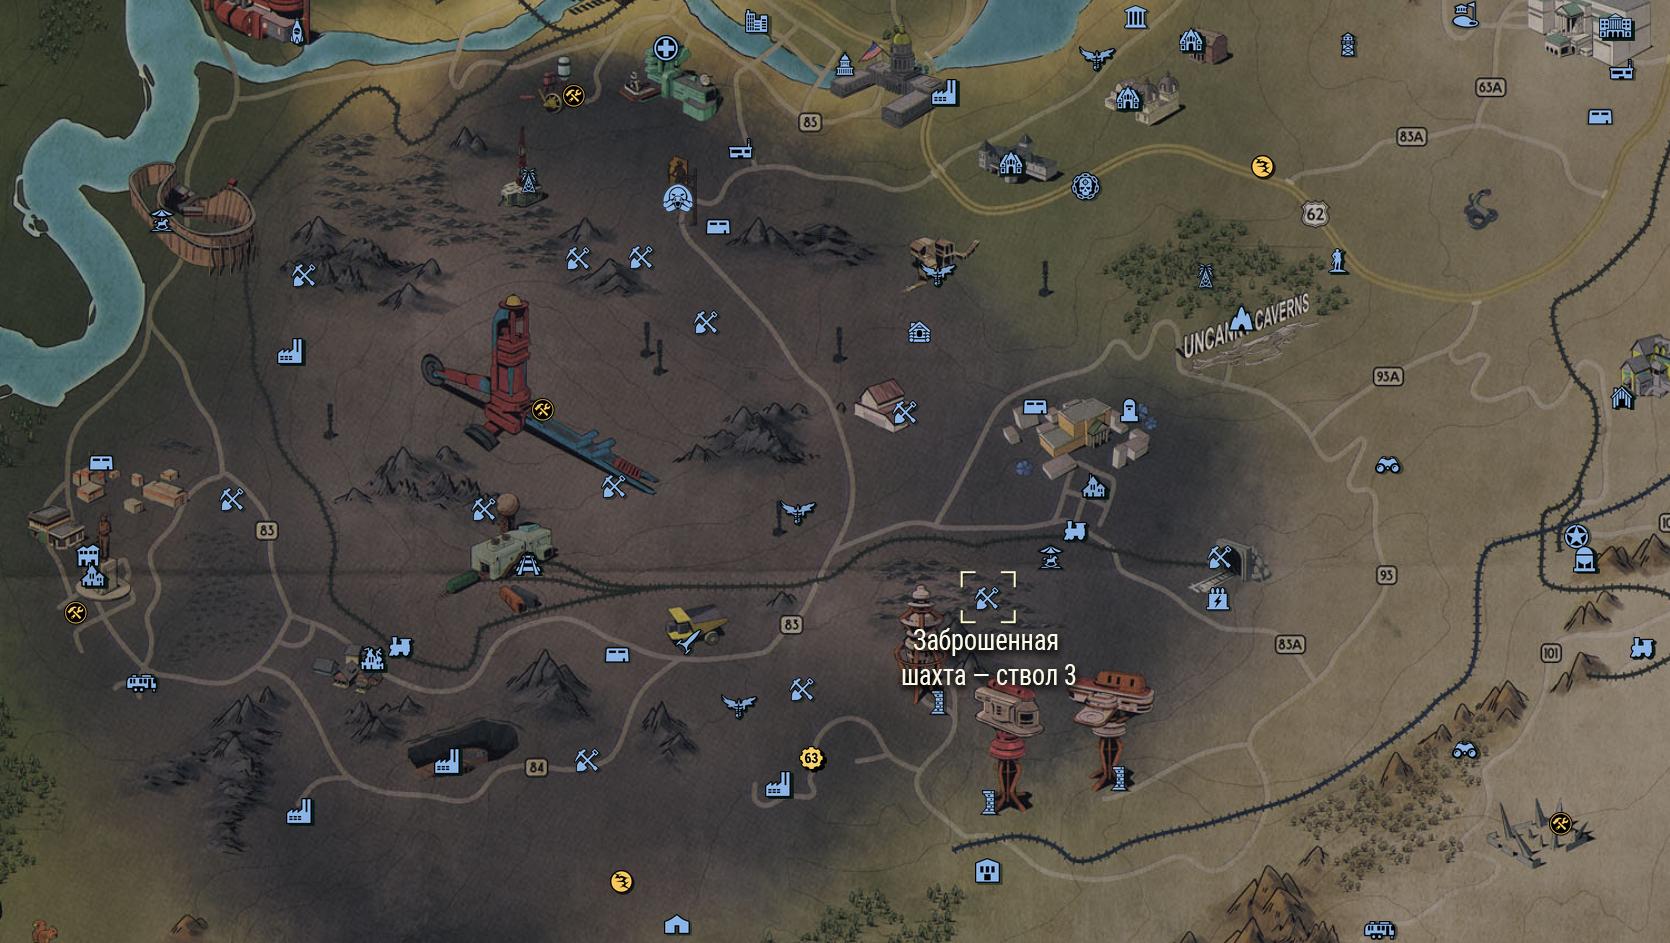 Заброшенная шахта — ствол 3